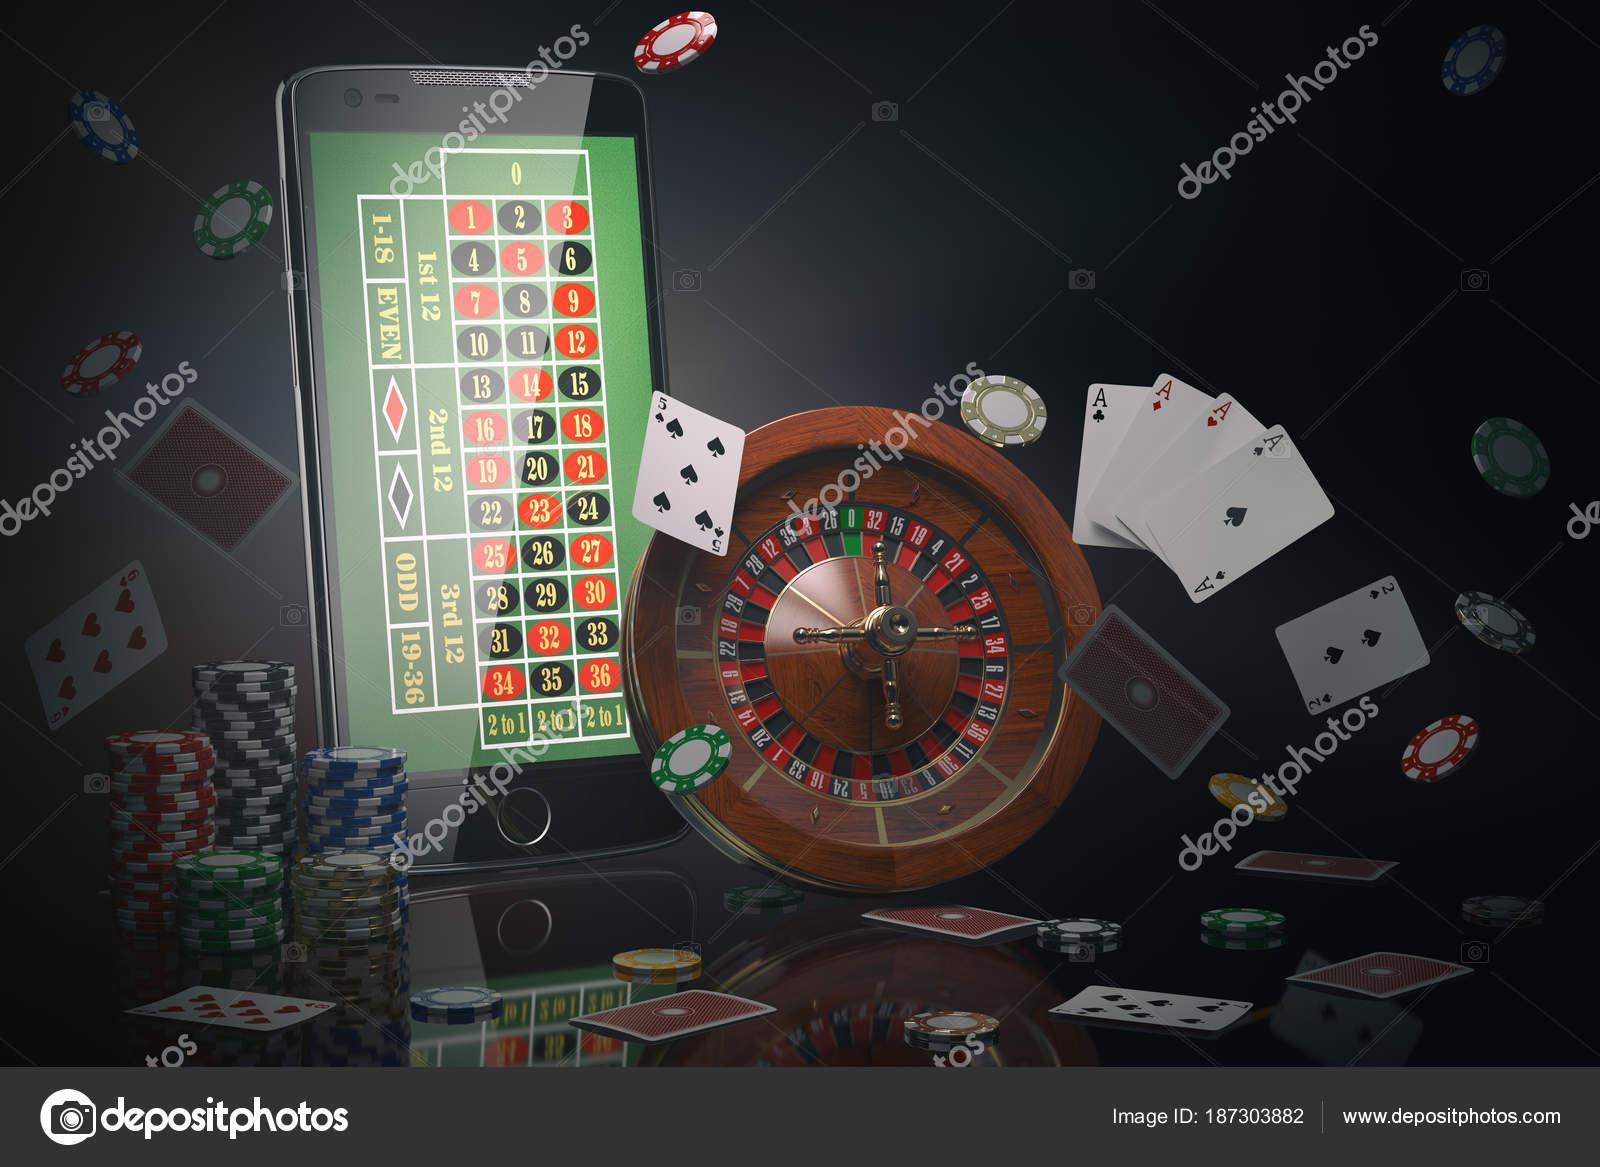 Онлайн казино - лучшее место для азарта